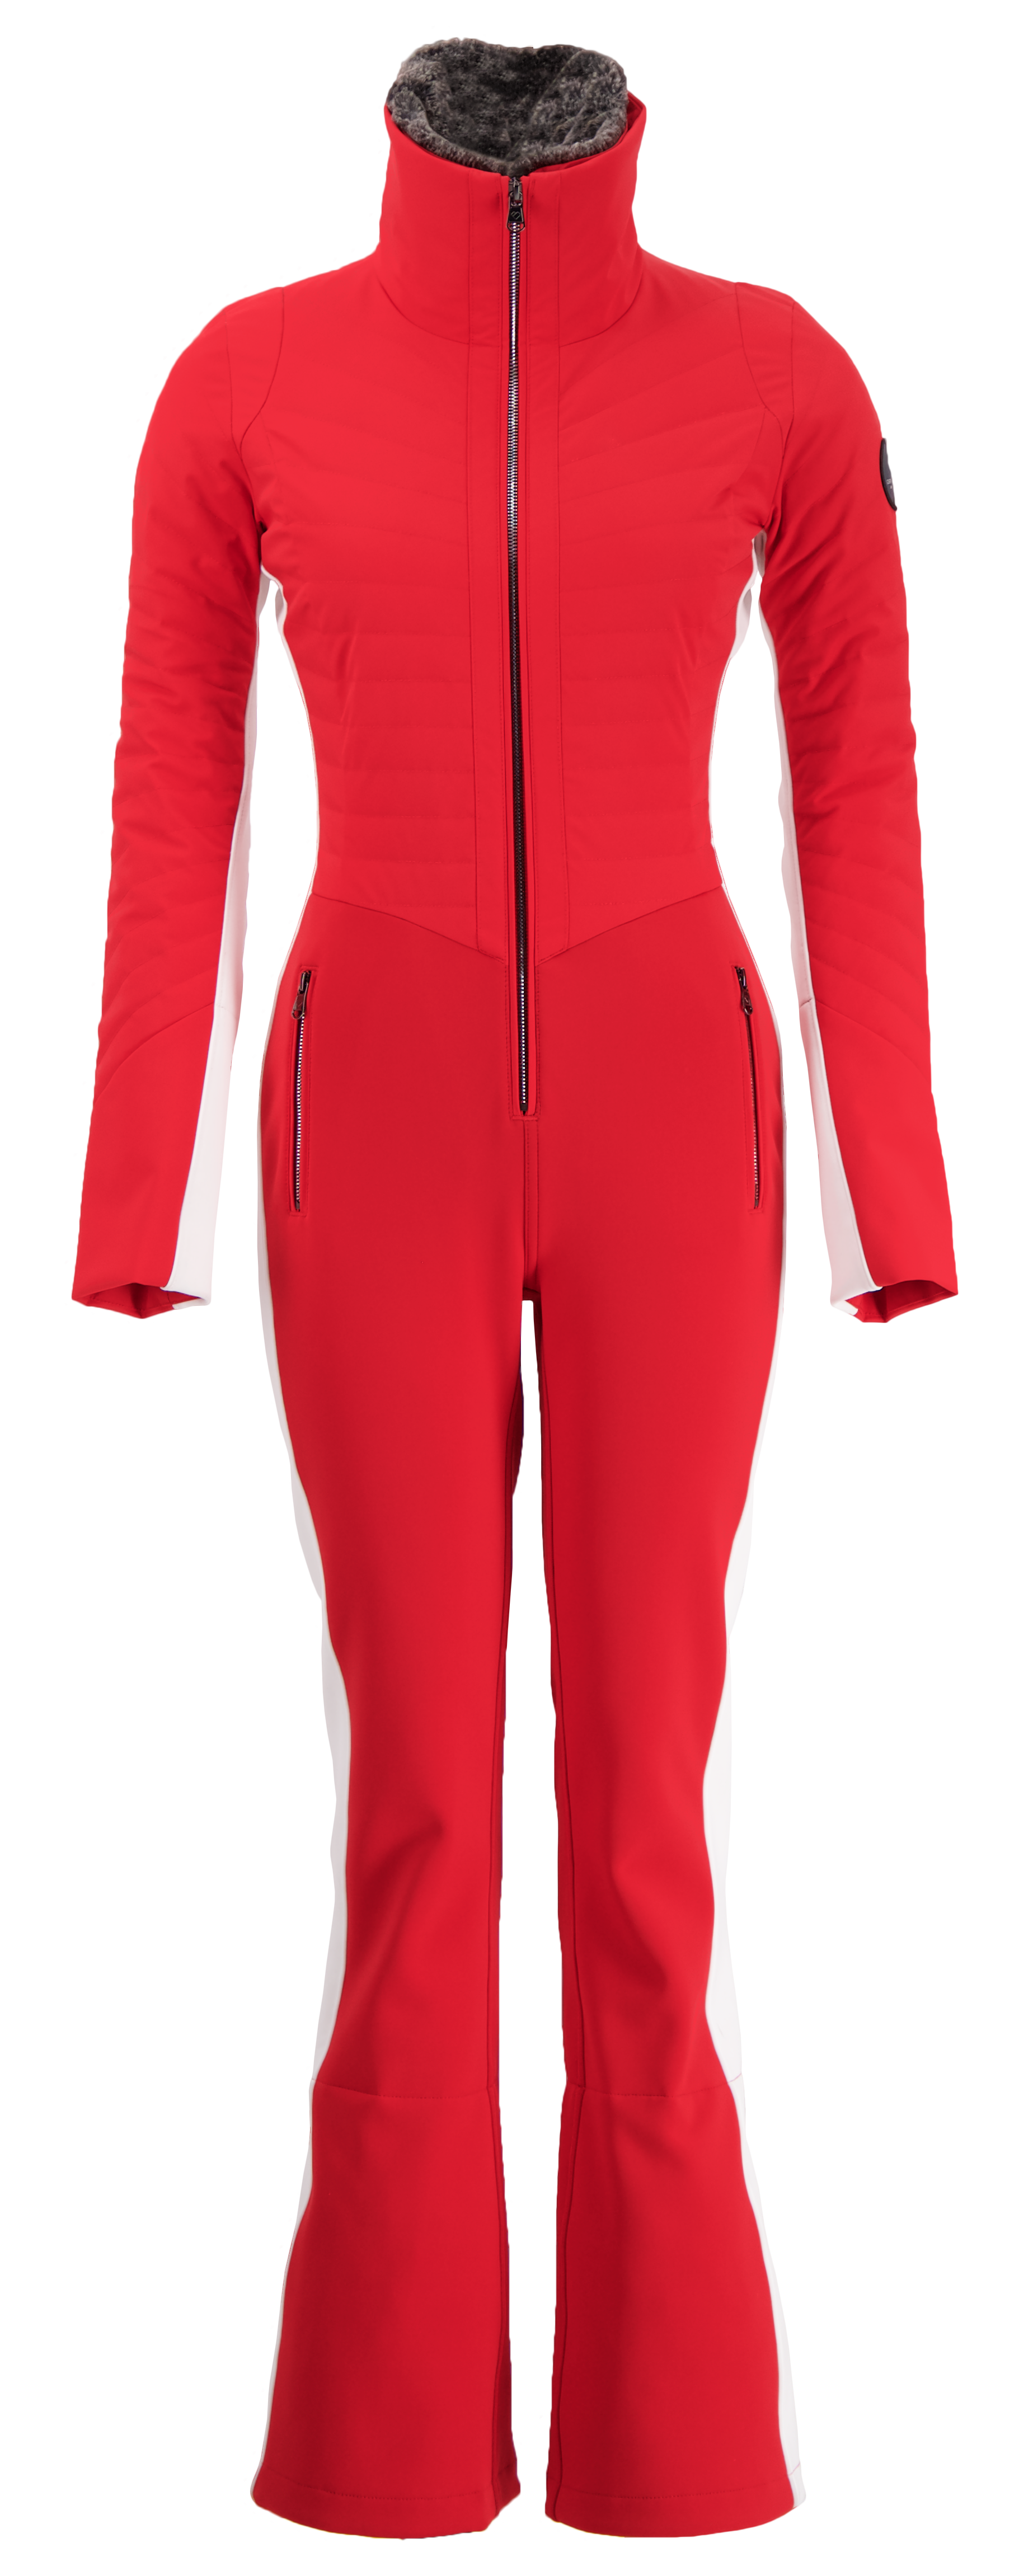 Arc'teryx Firebee AR jacket